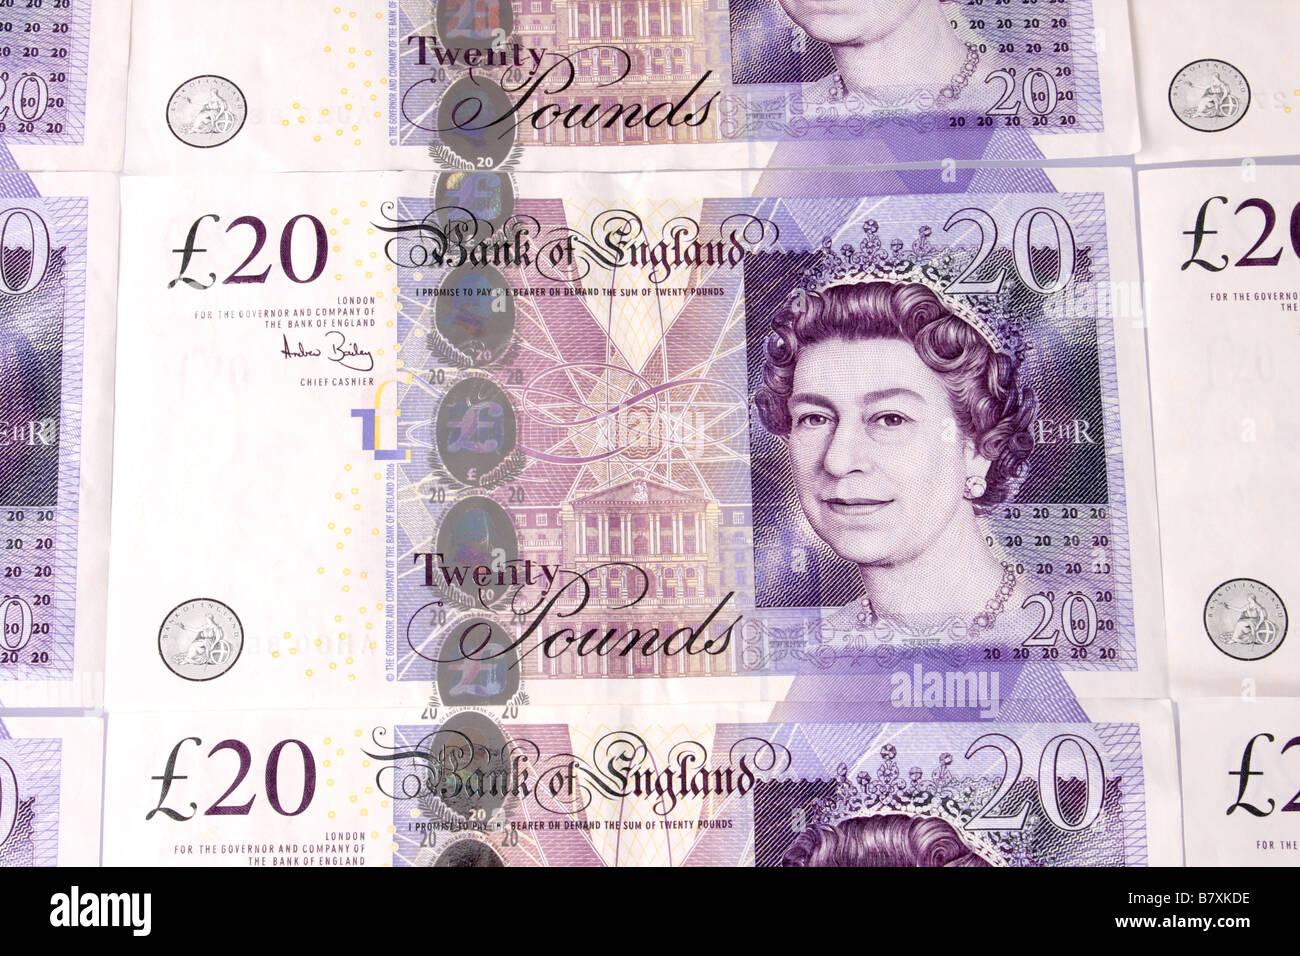 English twenty pound notes. - Stock Image